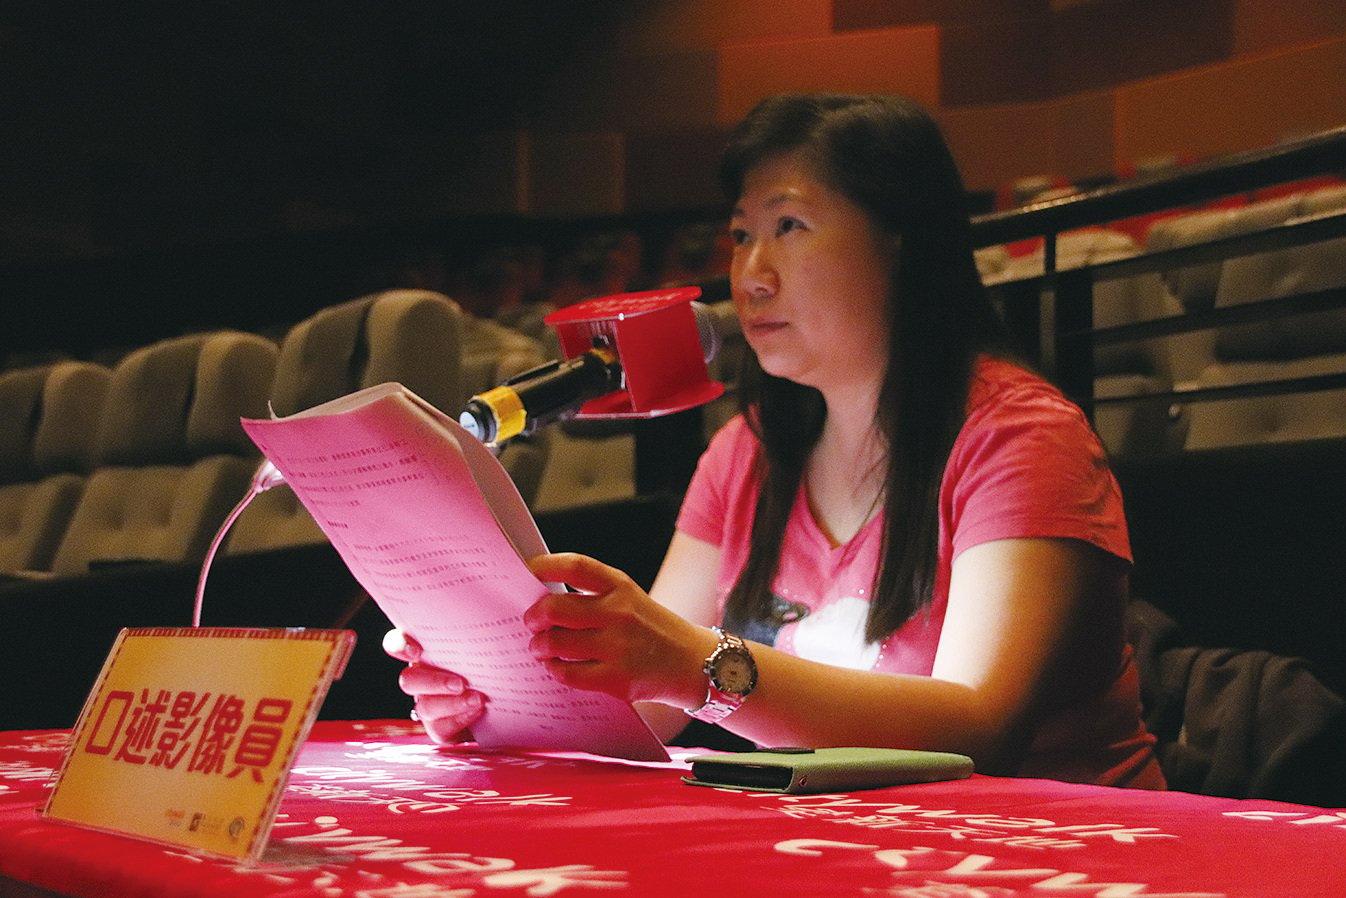 有一段時間Belinda要到戲院試音,但戲院要到深夜12時左右才清場,方可進行試音。雖然疲累,但她從不言棄。(Kigital Limited提供)